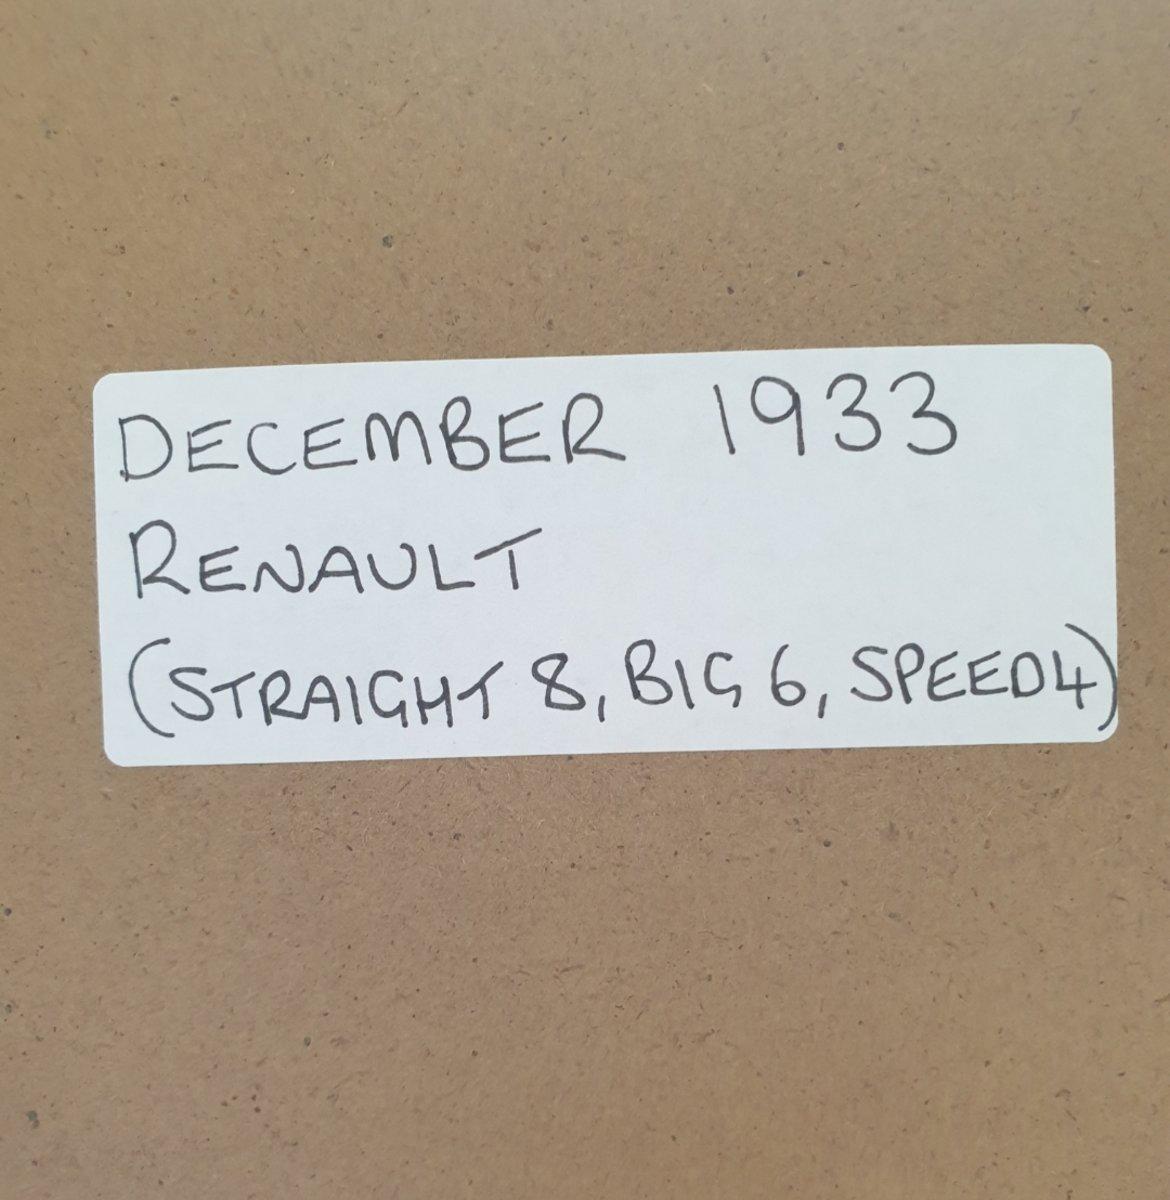 1964 Original 1933 Renault Framed Advert For Sale (picture 2 of 3)